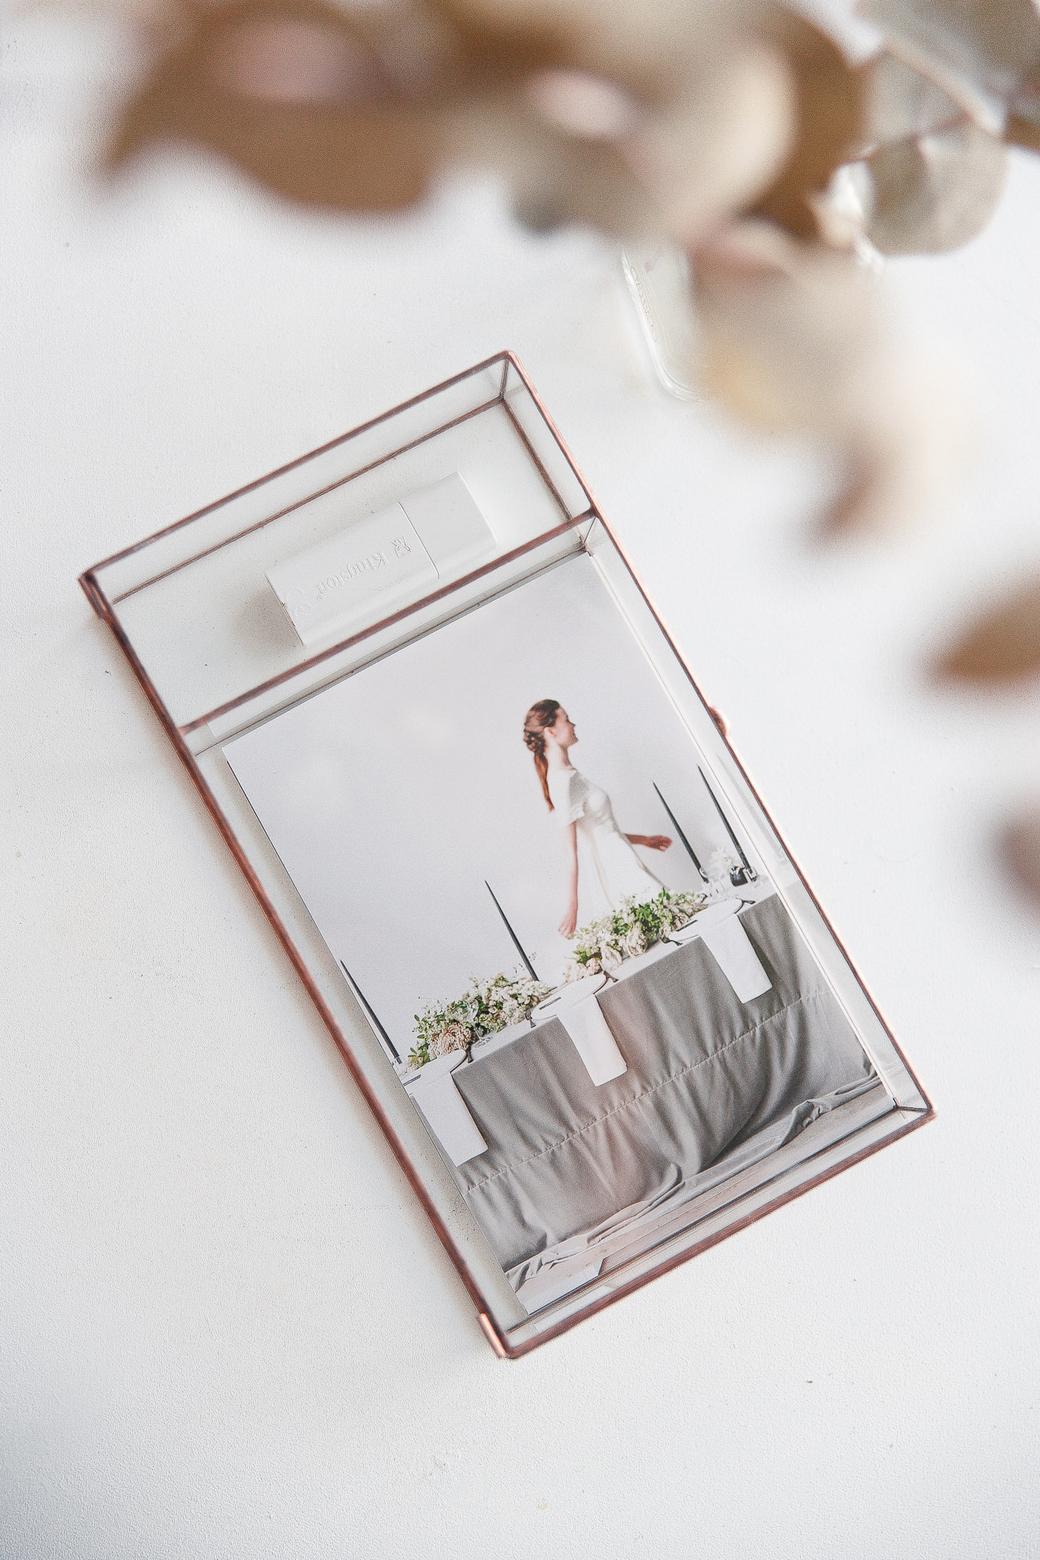 Шкатулка для демонстрации свадебных фотографий с отделением для флешки.